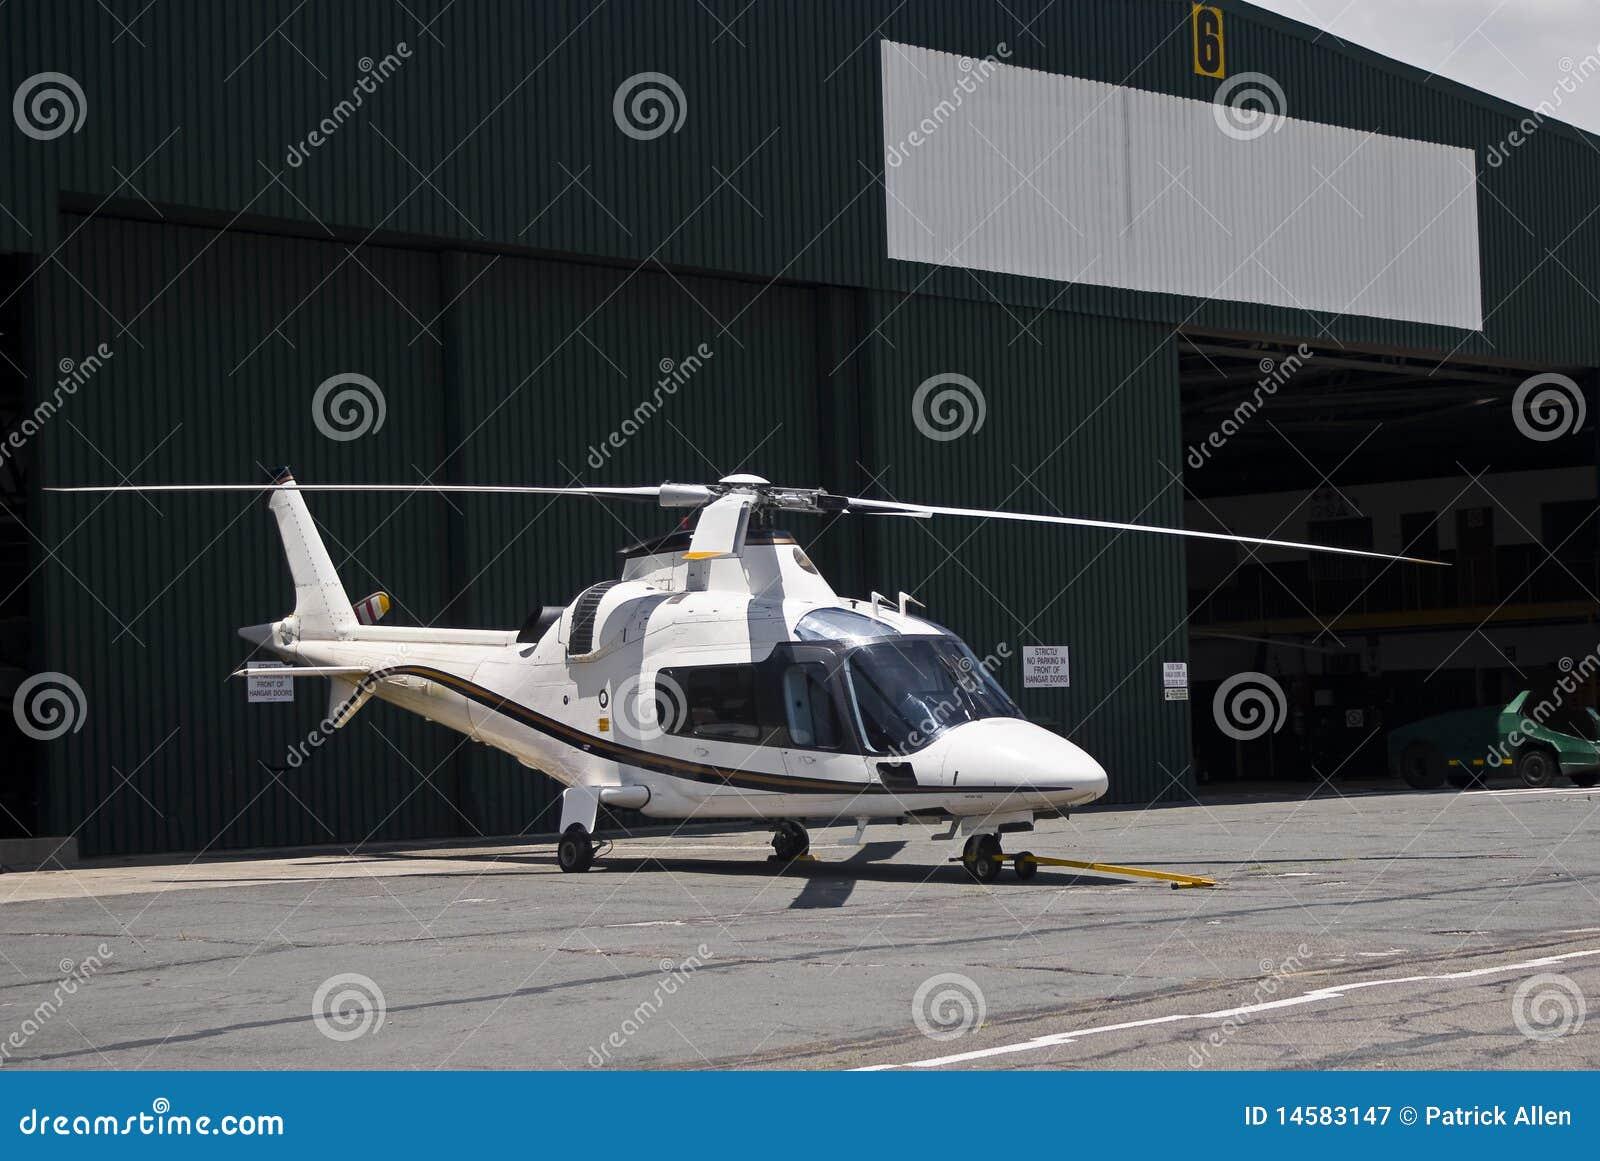 A109 agusta helikopter